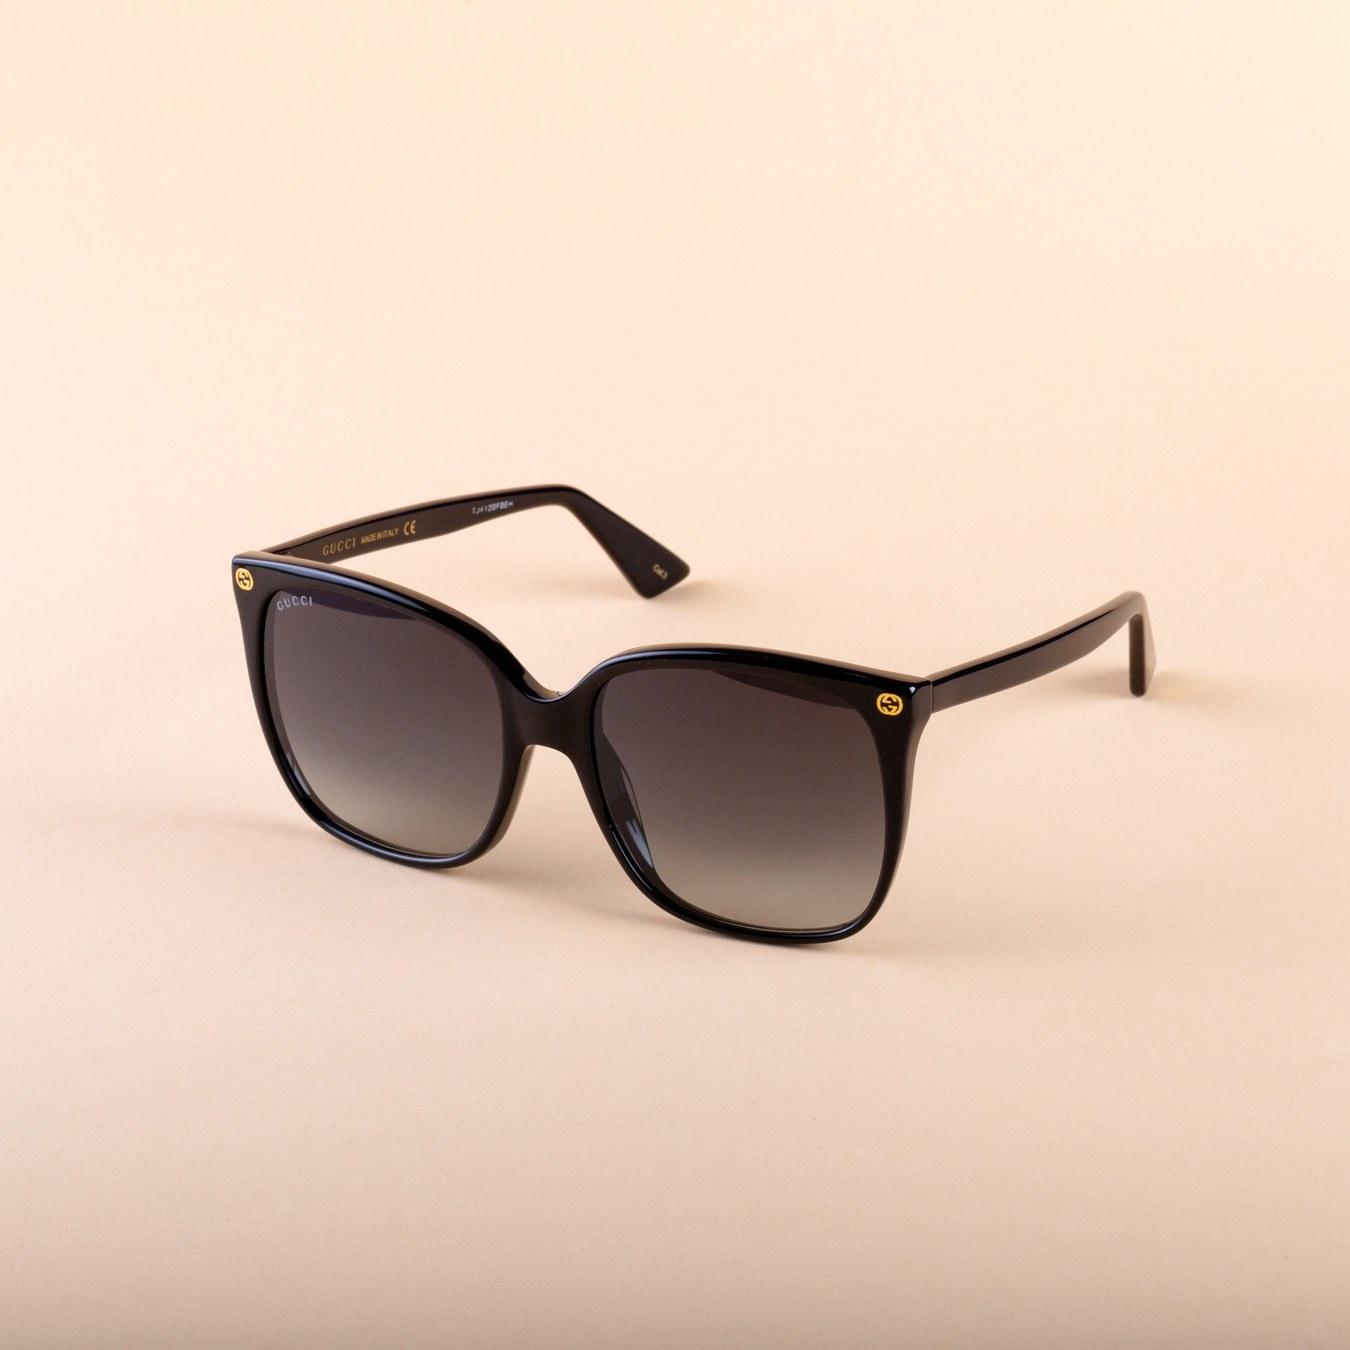 9ce693ea744 Sunglasses - Eagle Vision - Lai valik igale maitsele ja eelarvele